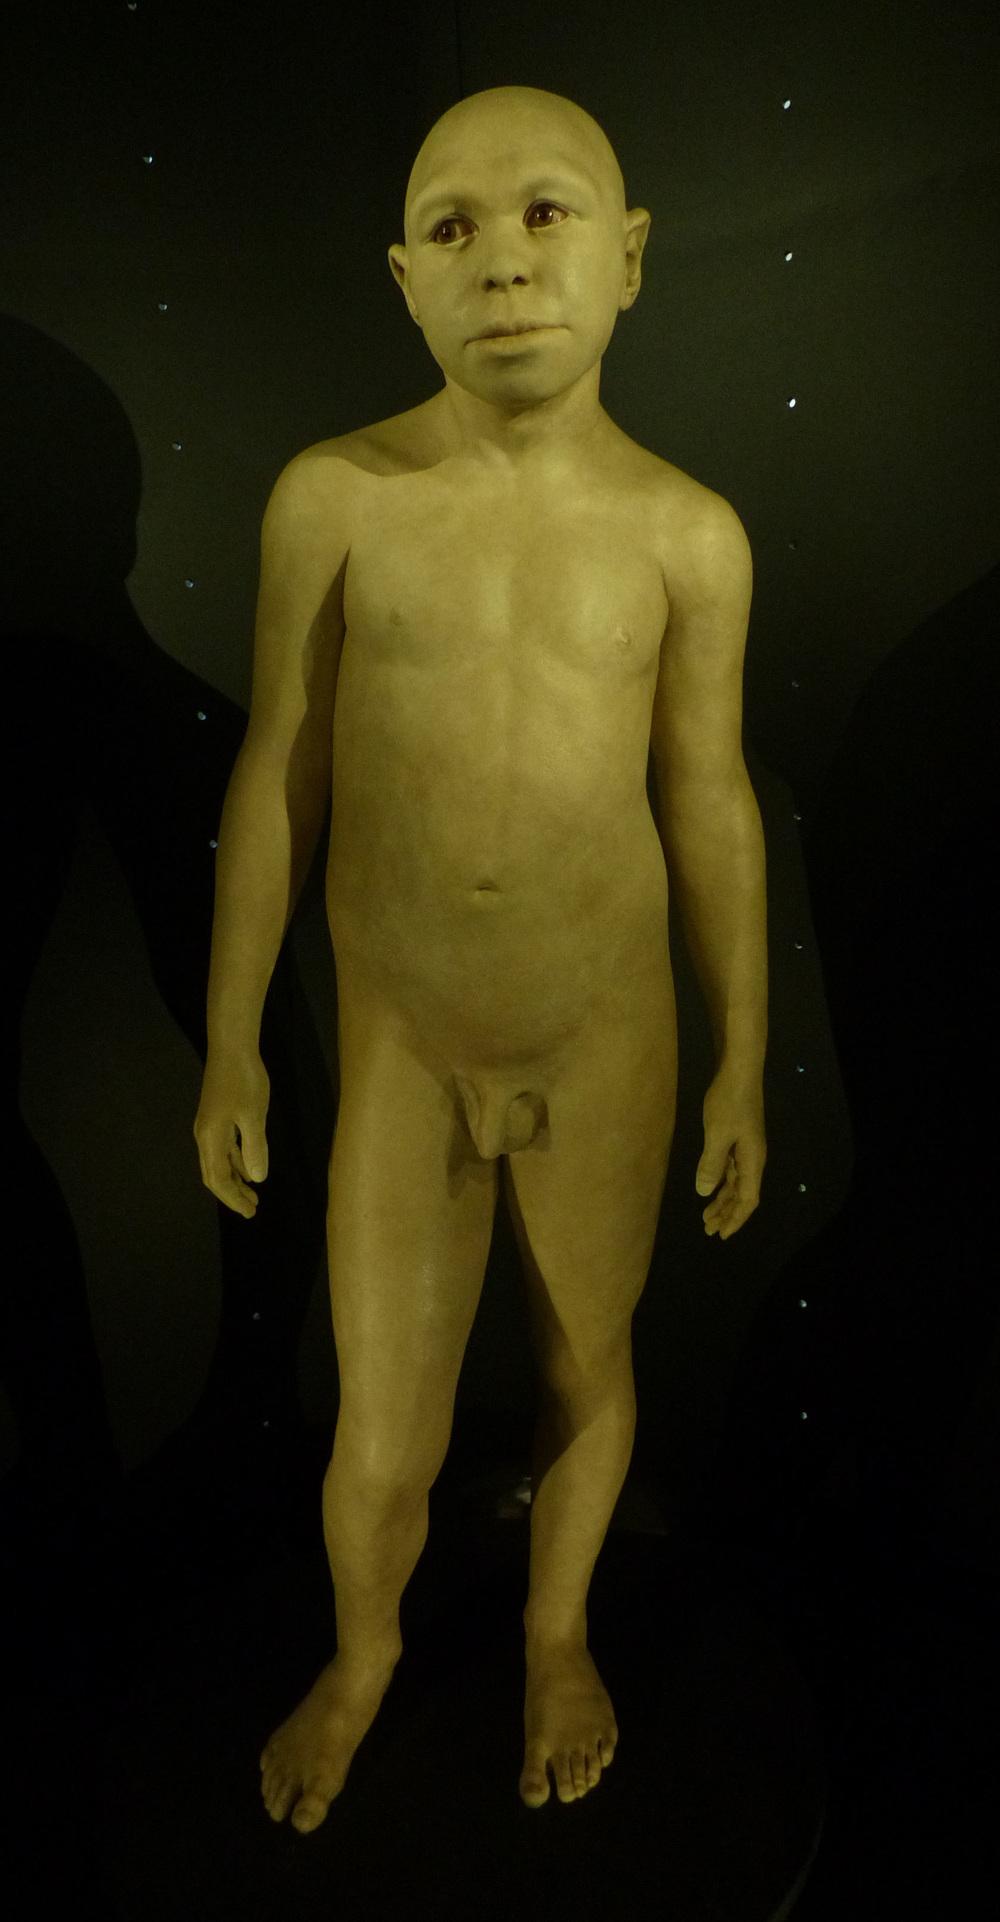 """Espécie """"irmã"""" de nosso ancestral comum com neandertais e denisovanos"""